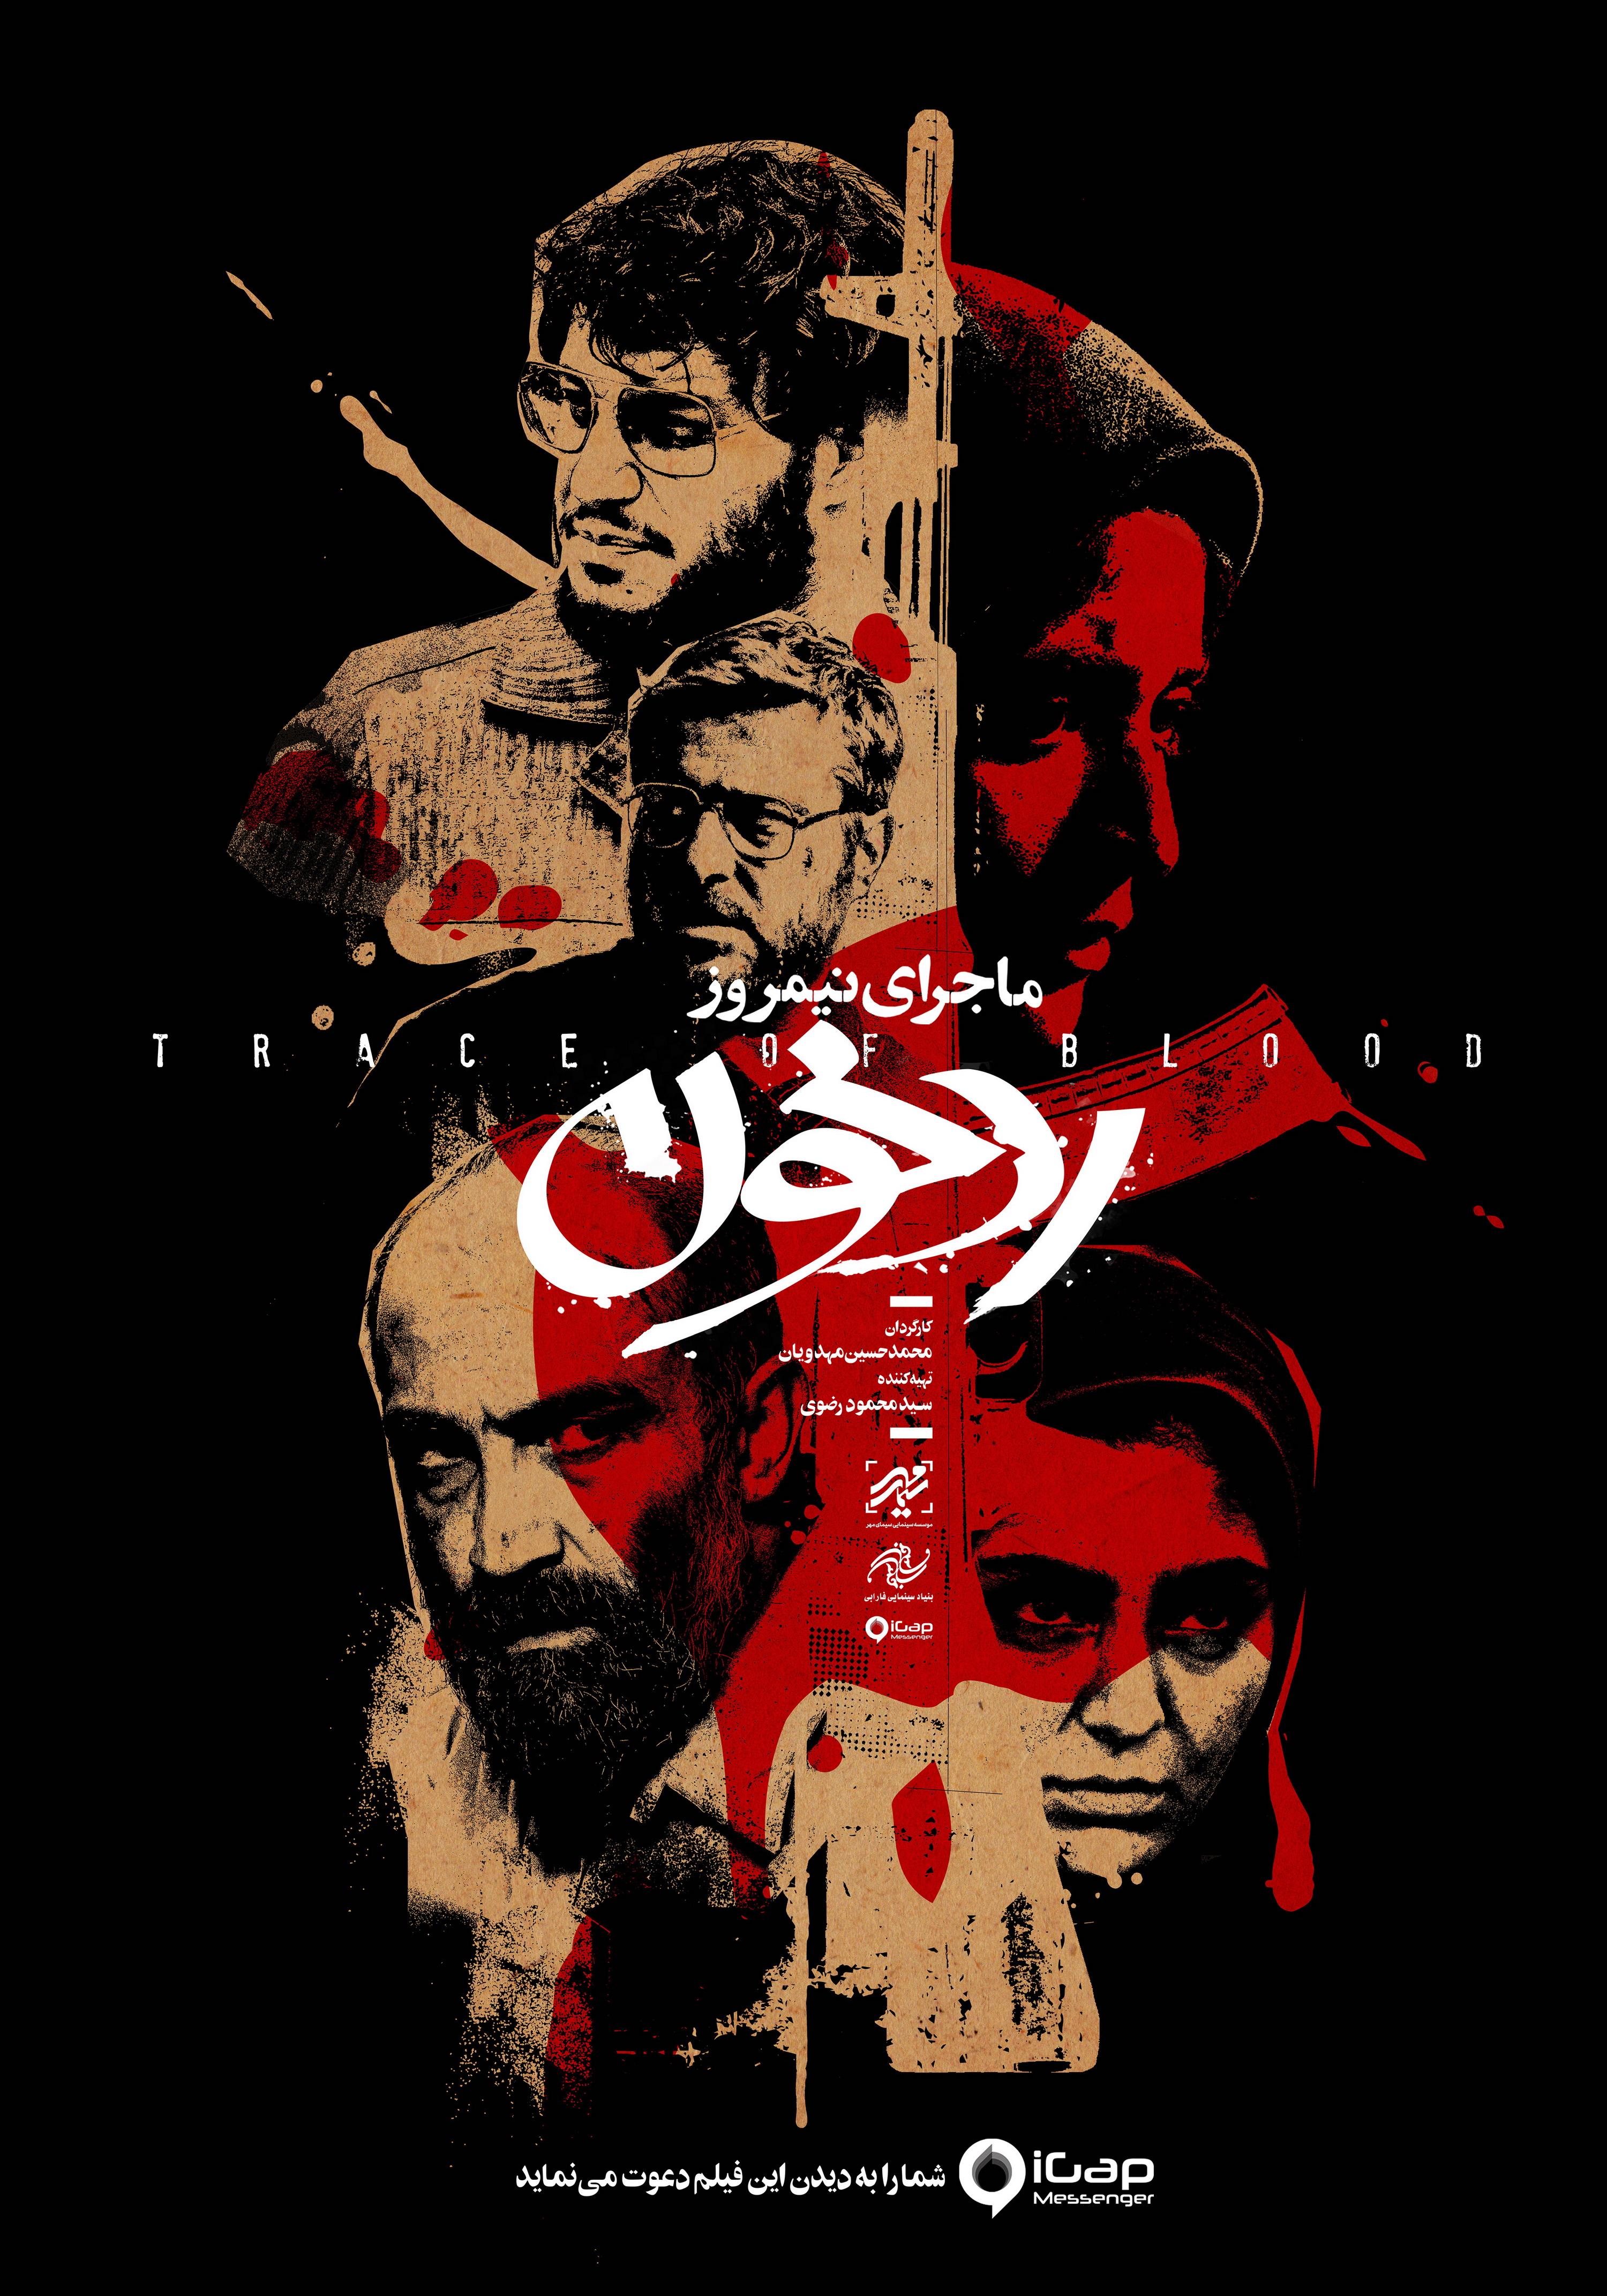 پوستر جدید فیلم ماجرای نیمروز: رد خون